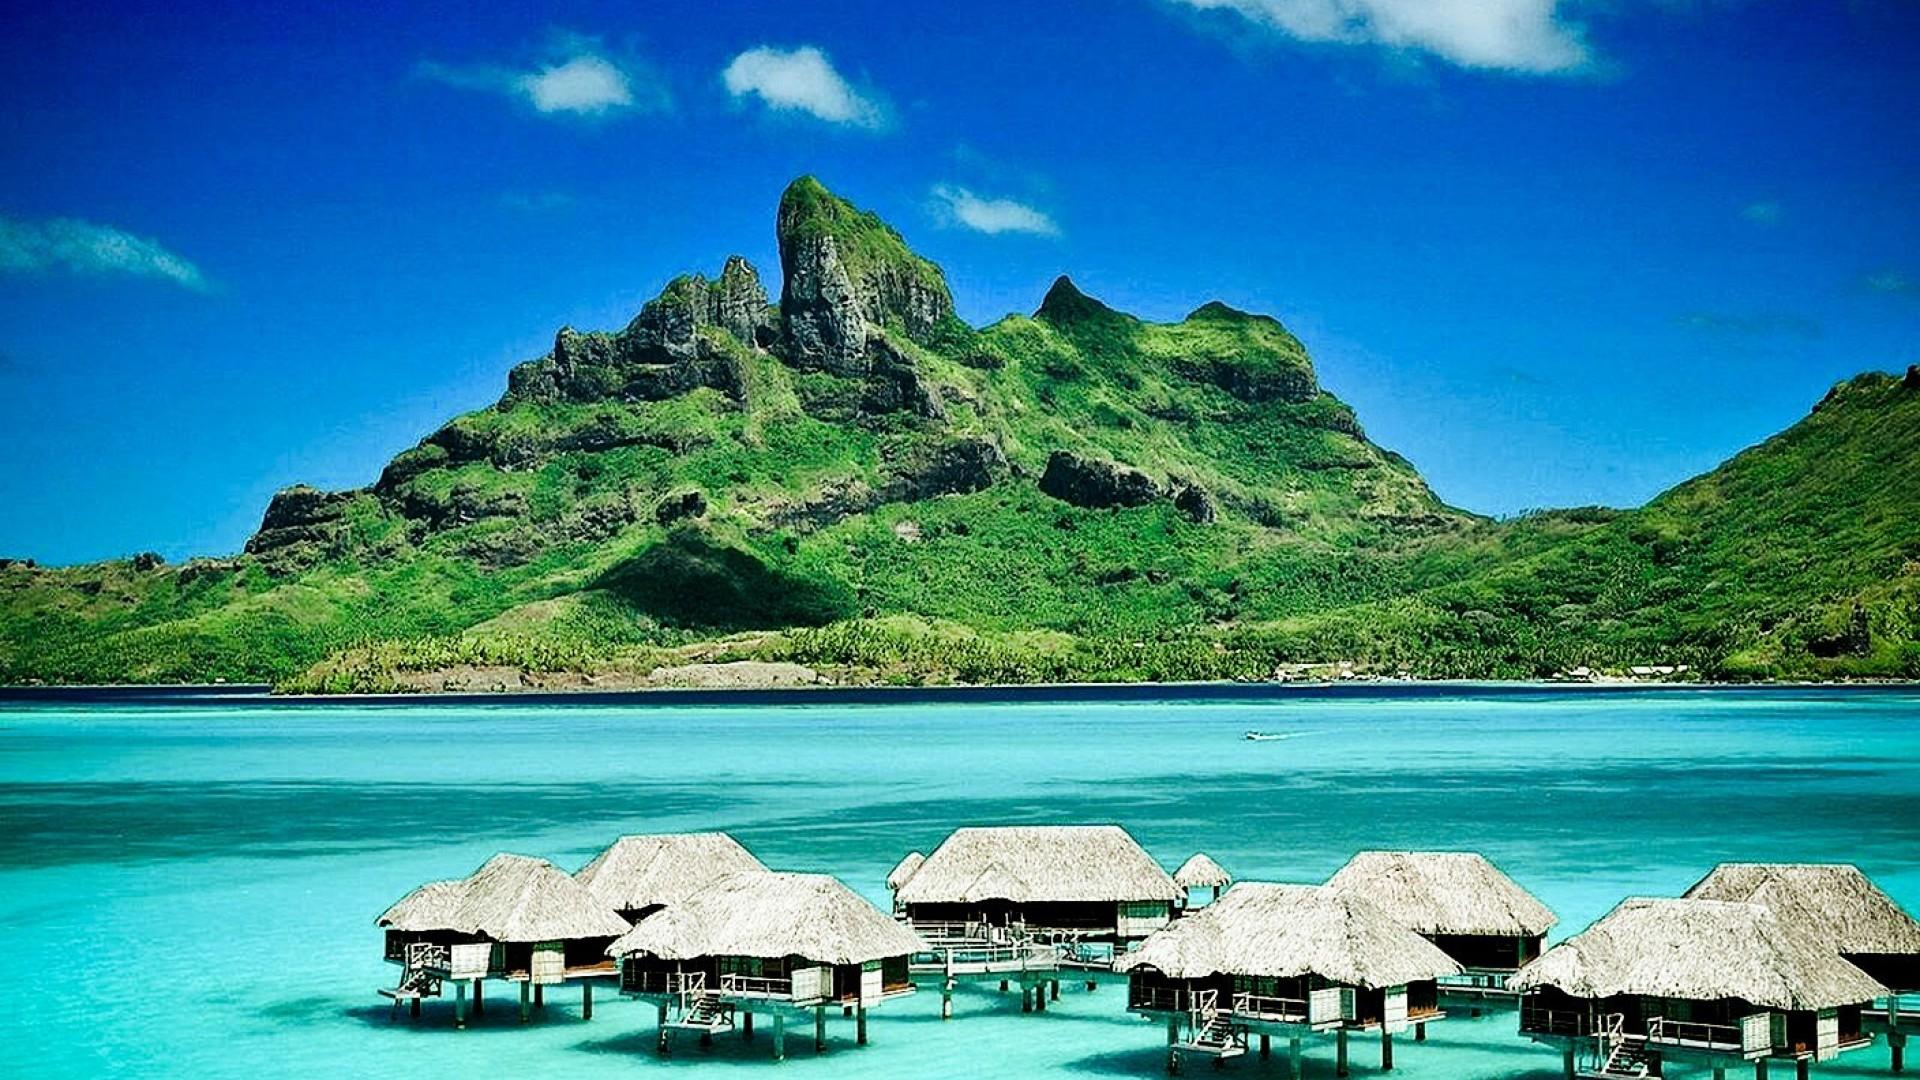 mauritius-Lux Afrique